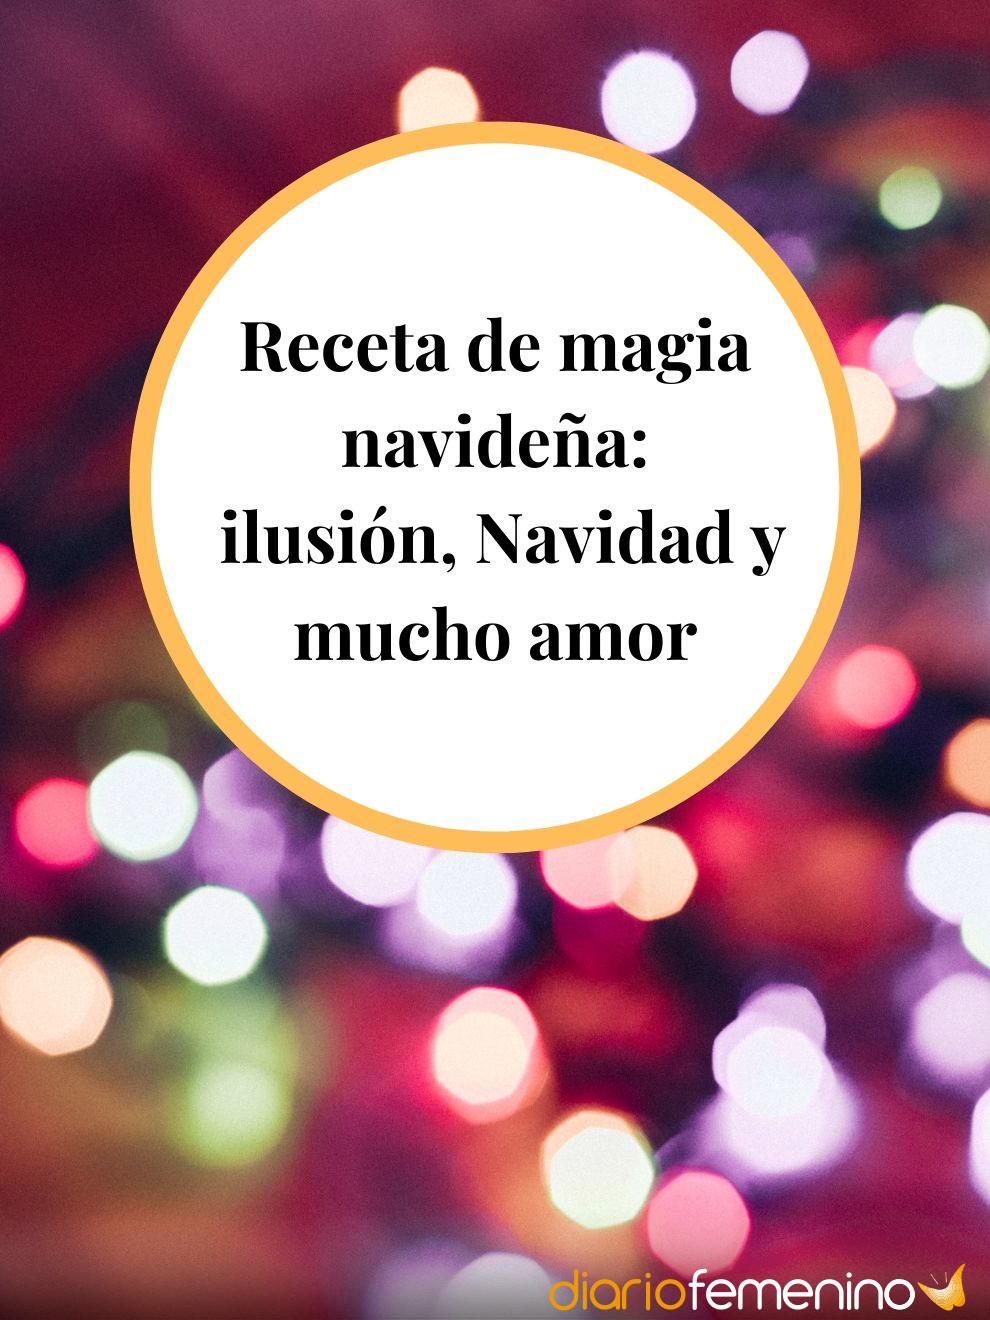 La magia de la Navidad es lo que hace que el amor sea posible